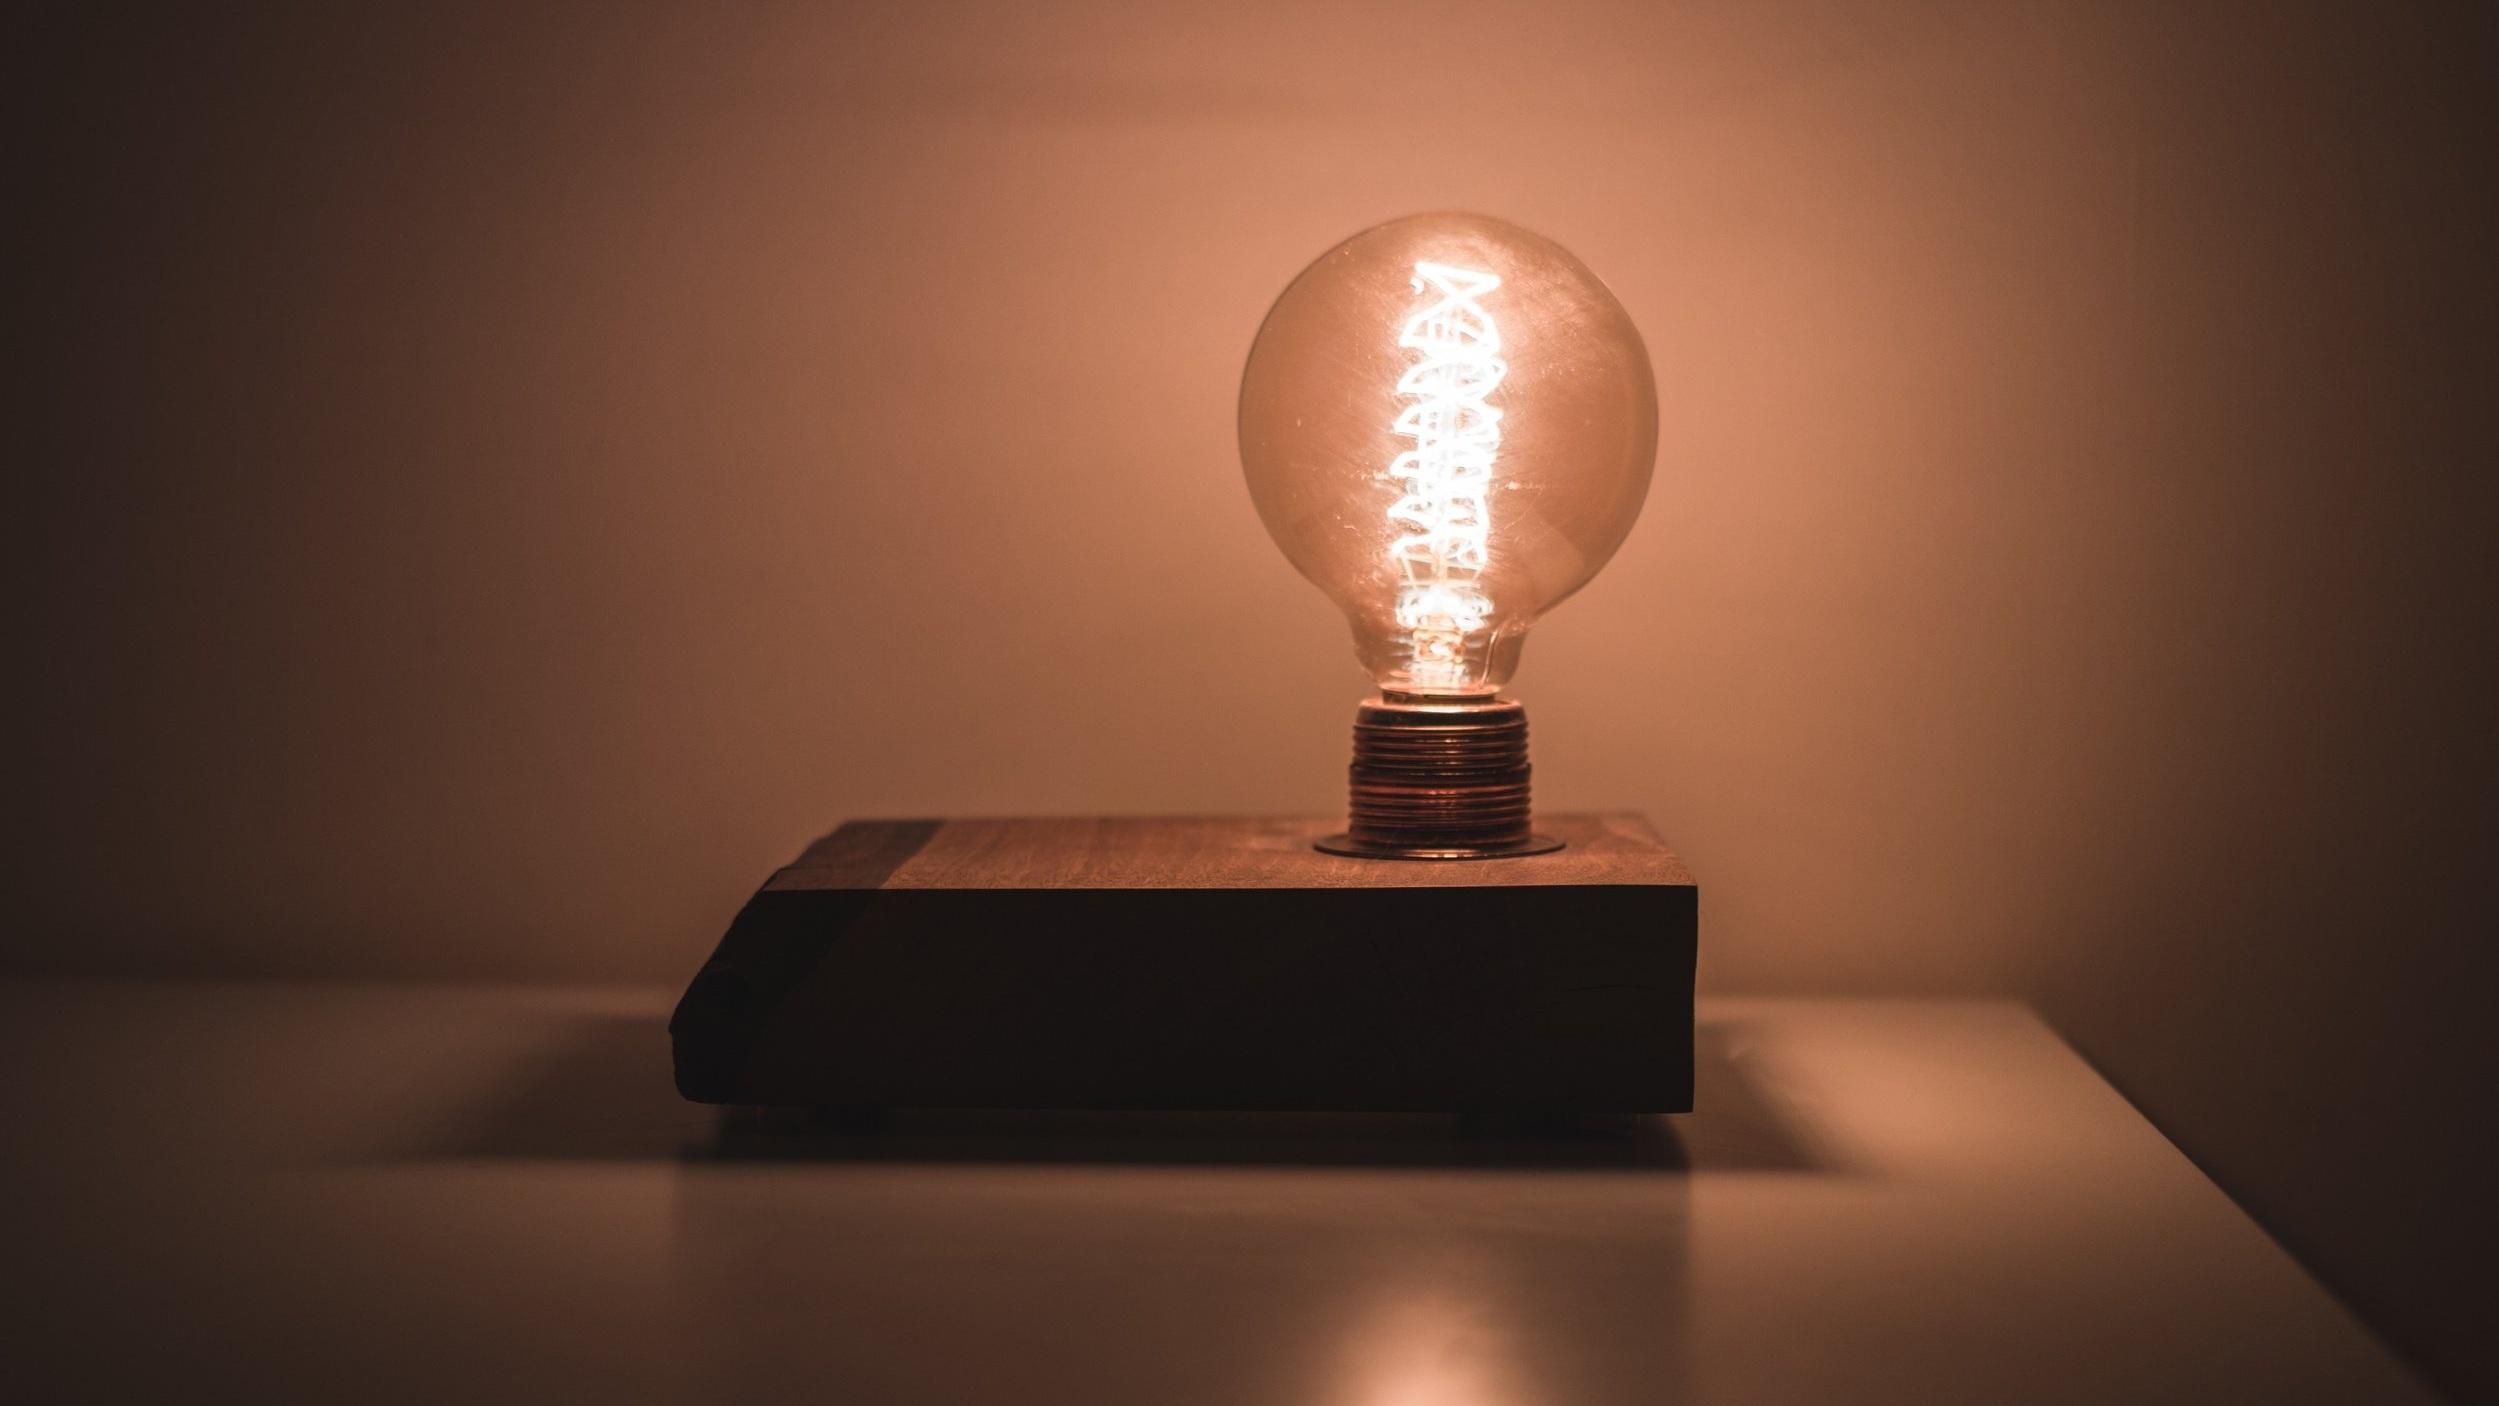 art-bulb-business-1252807.jpg